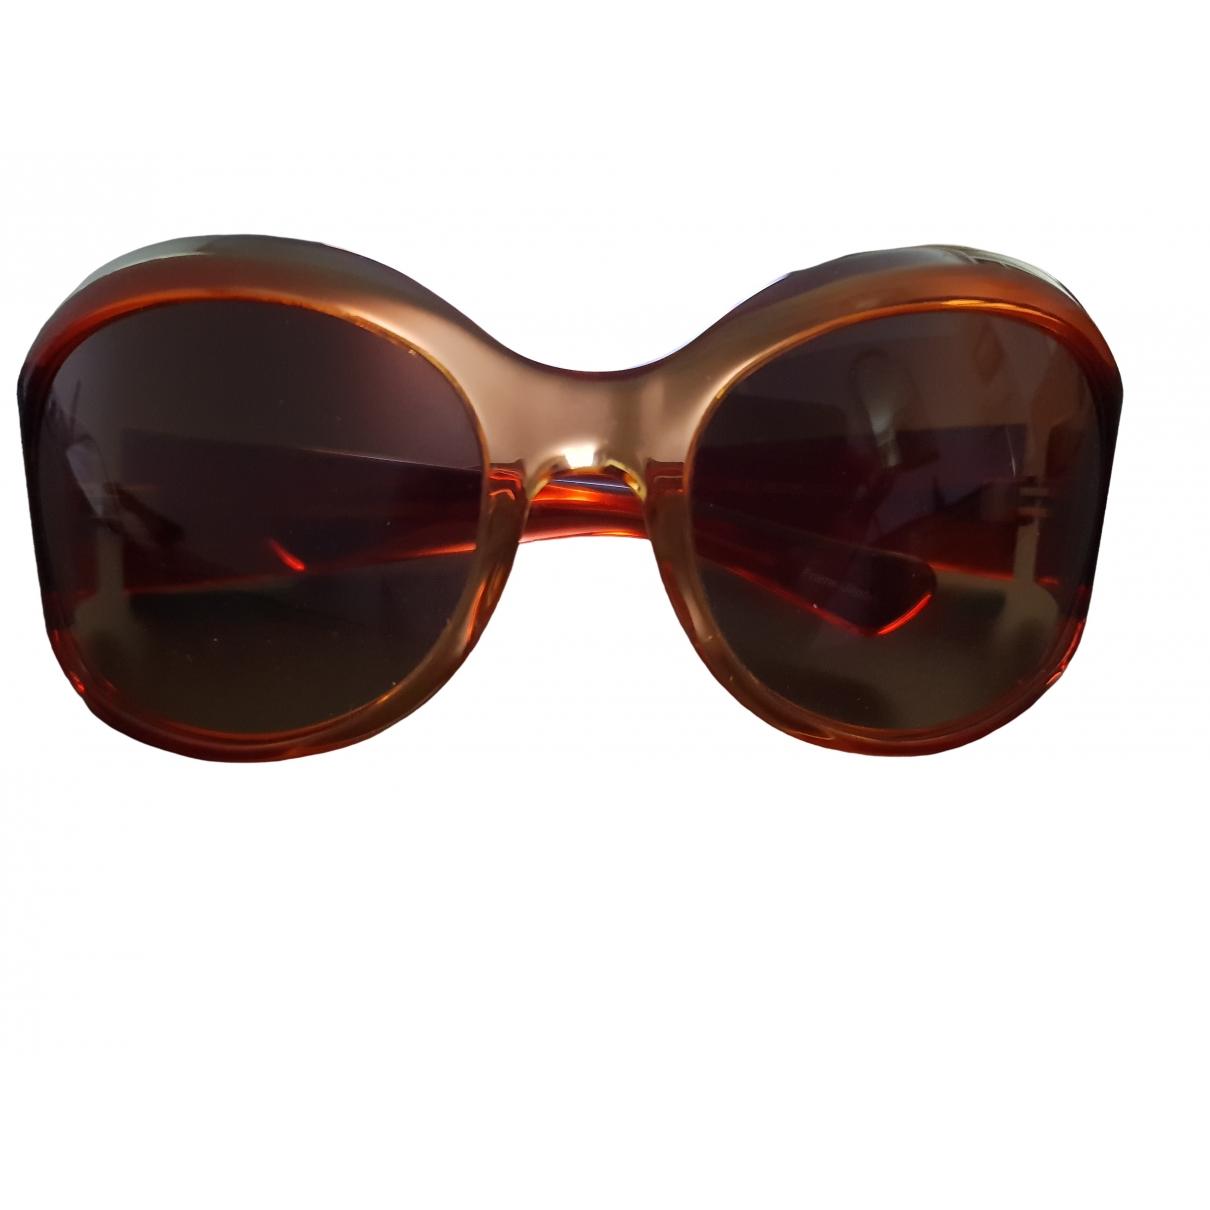 Gafas oversize Oliver Peoples